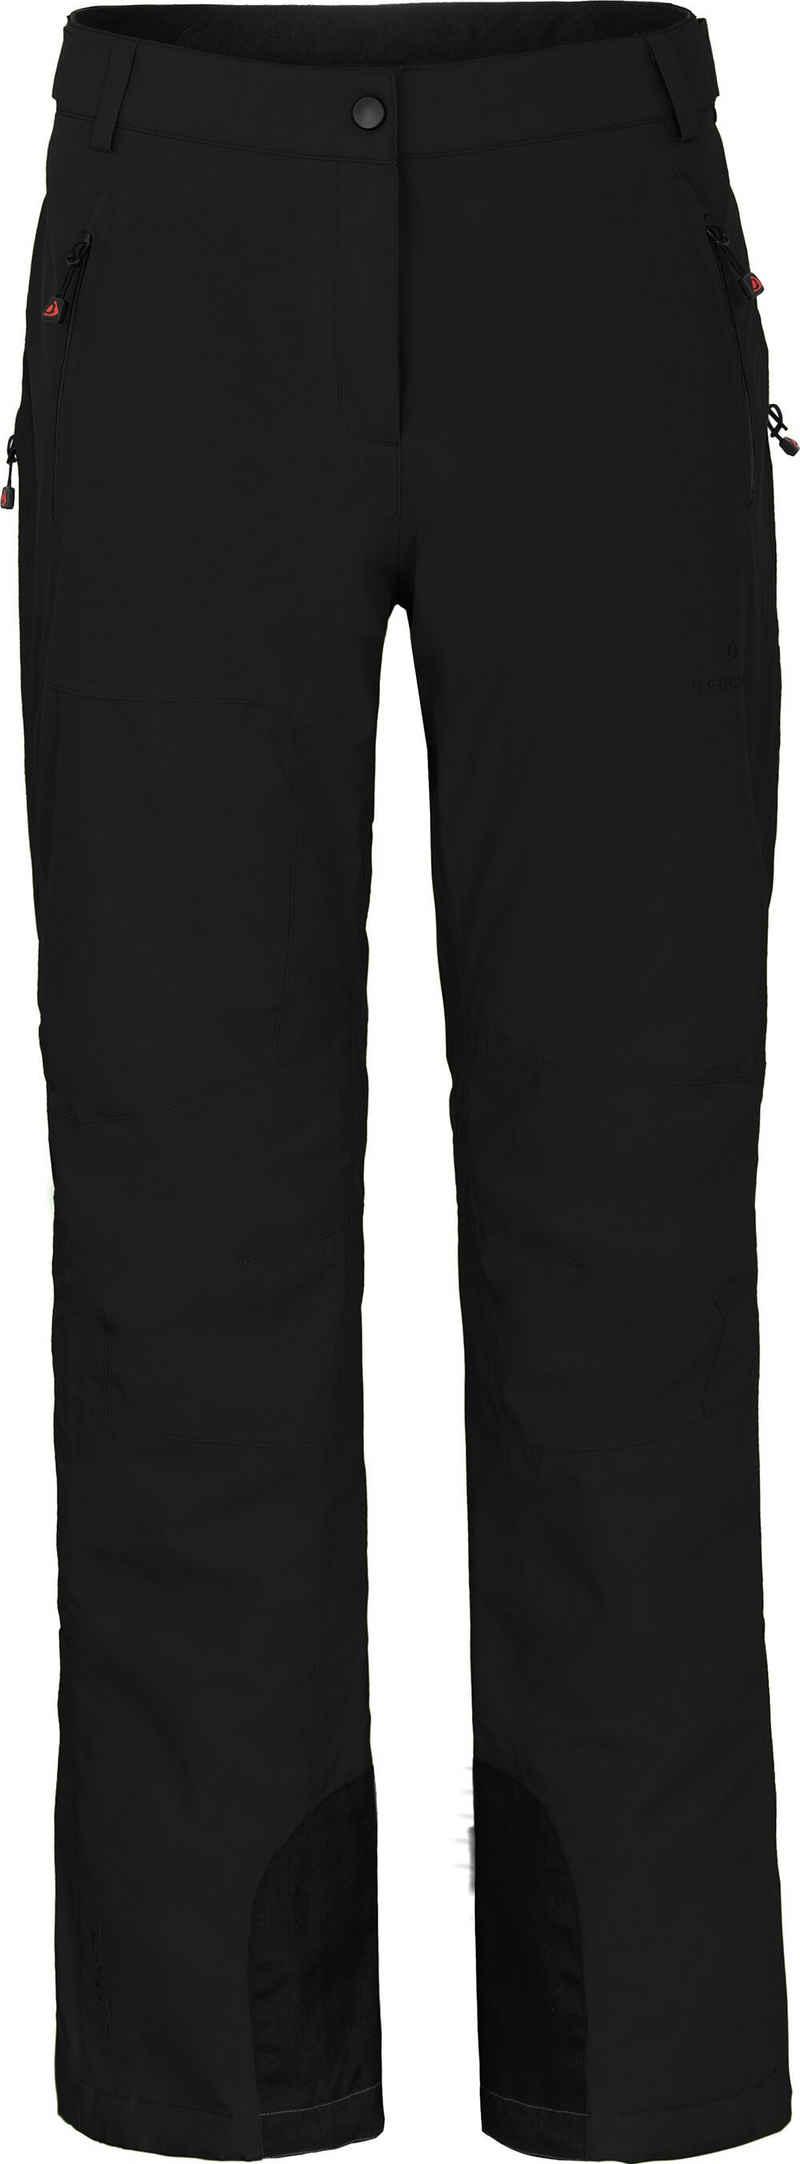 Bergson Skihose »ICE« Damen Skihose, wattiert, 20000 mm Wassersäule, Normalgrößen, schwarz